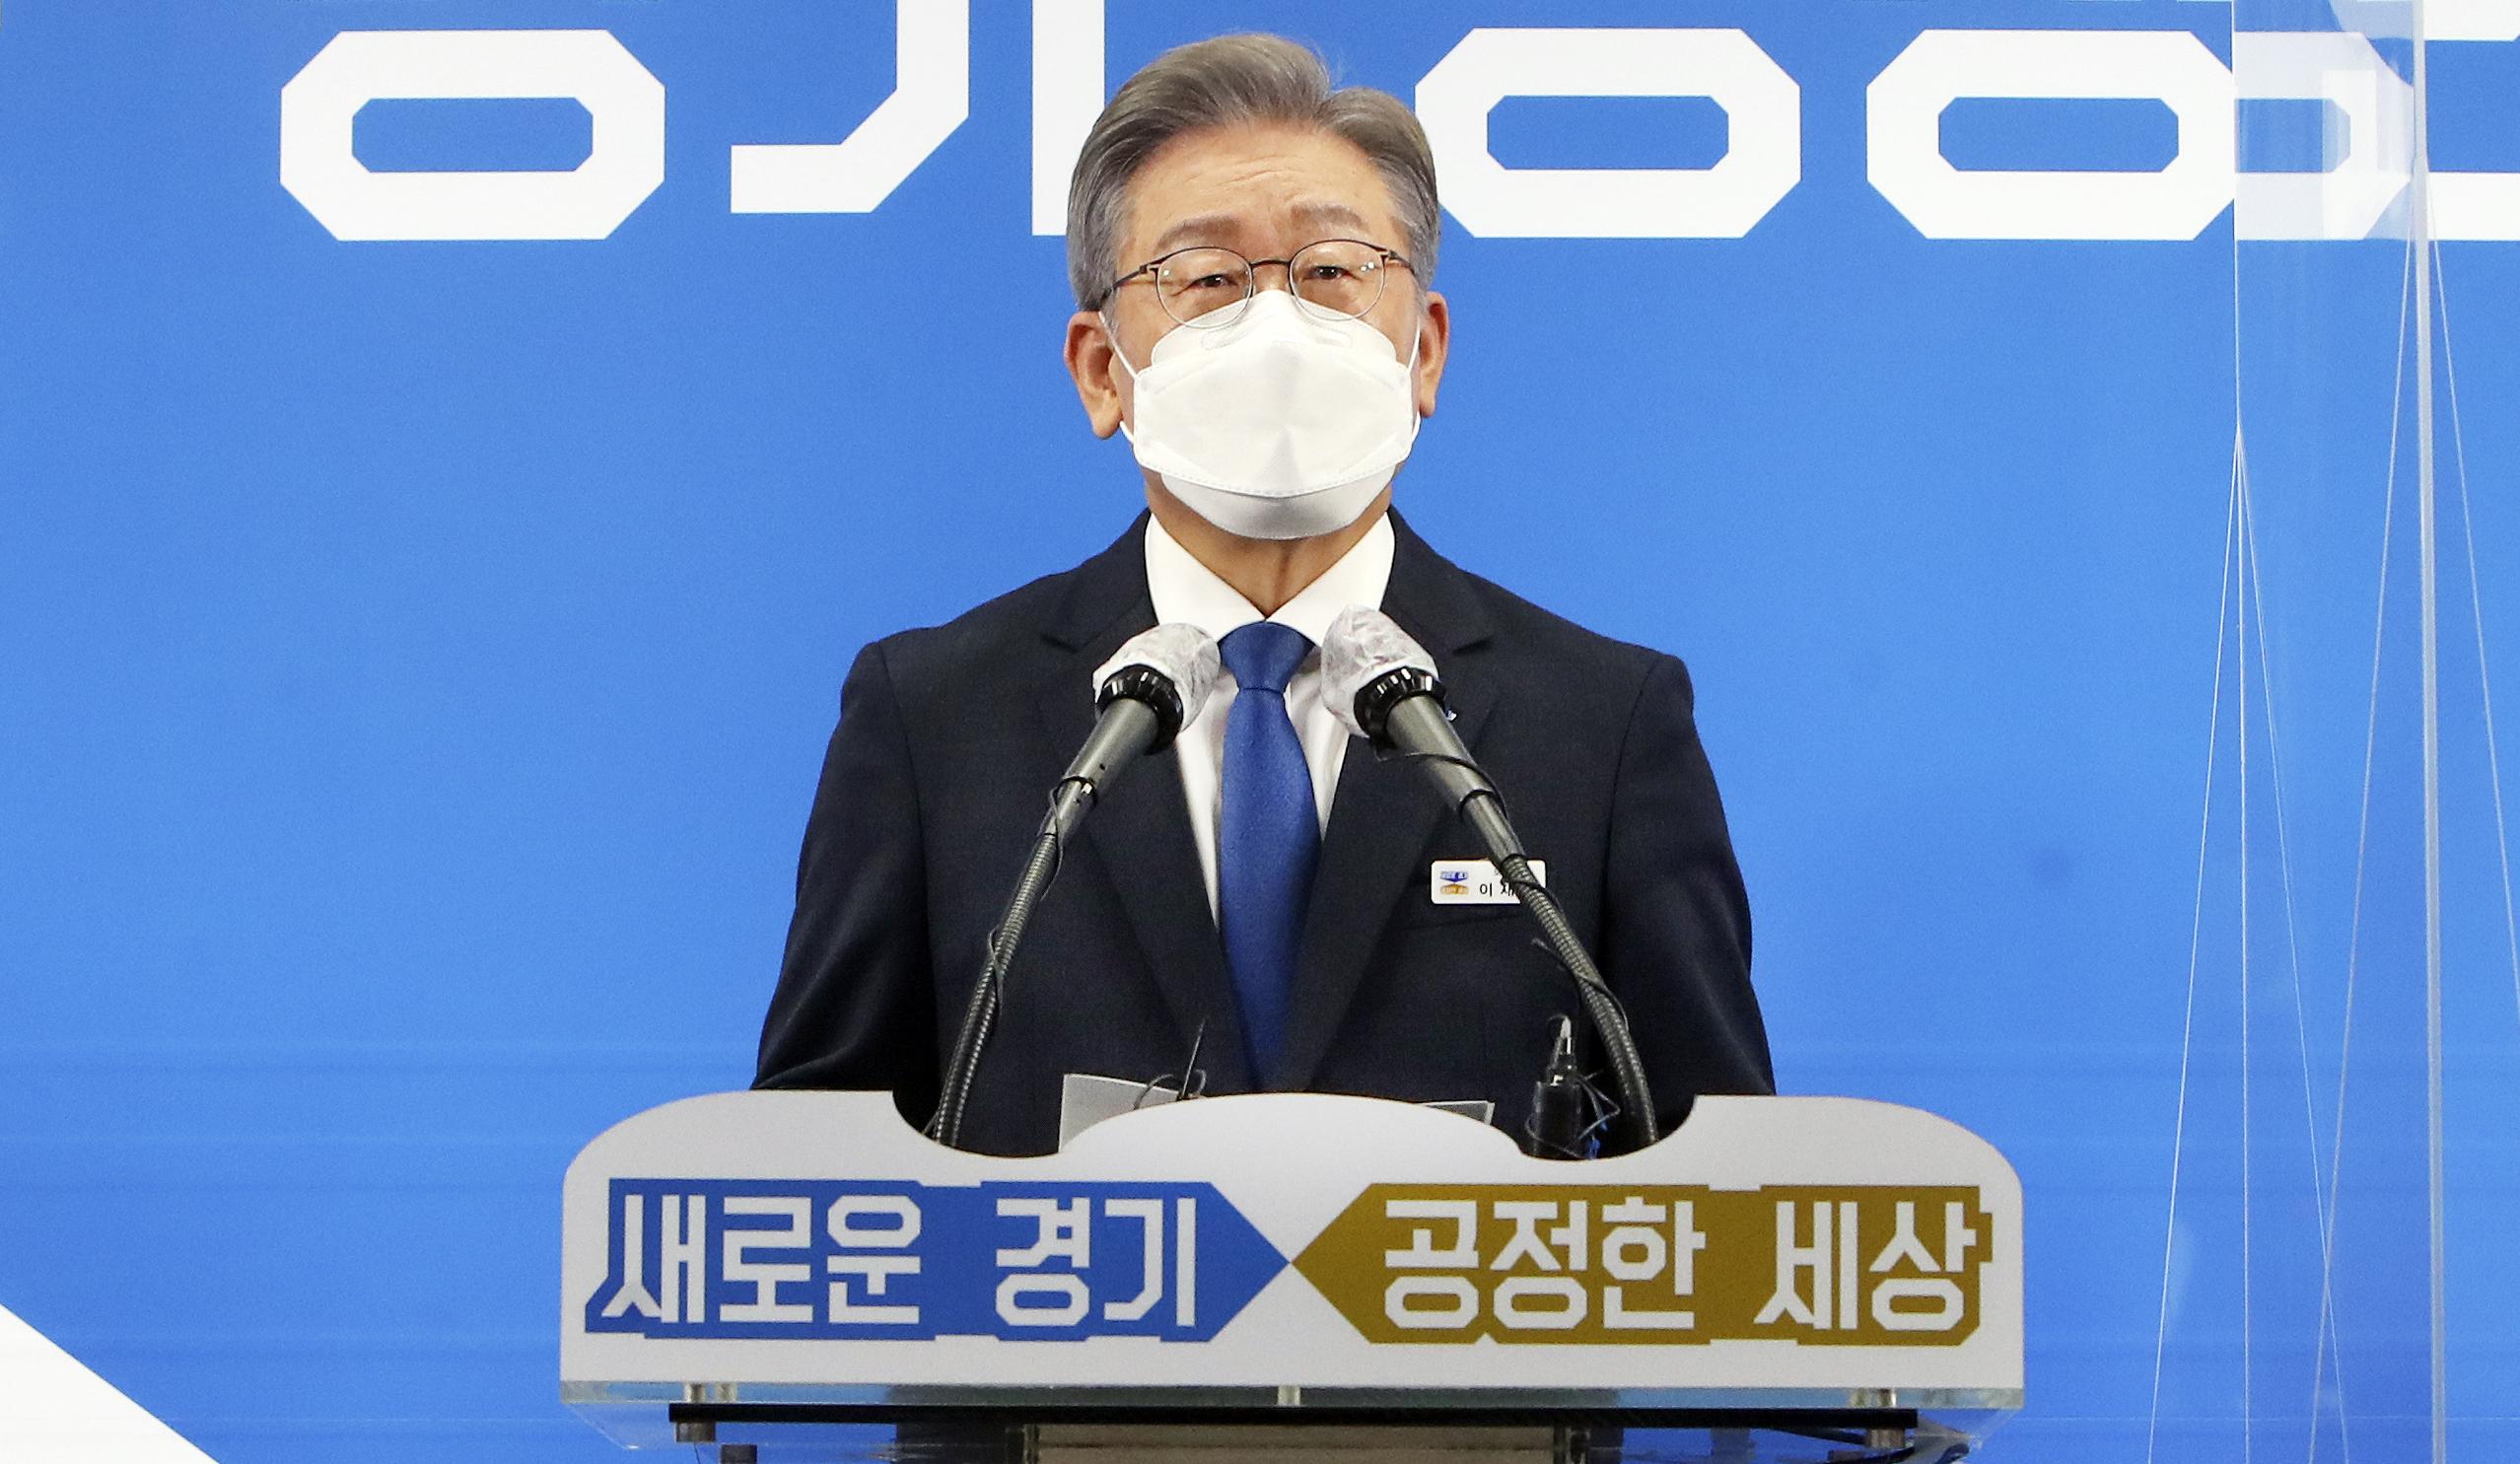 与党公認候補の李在明氏 大統領選挙向けて京畿道知事辞任